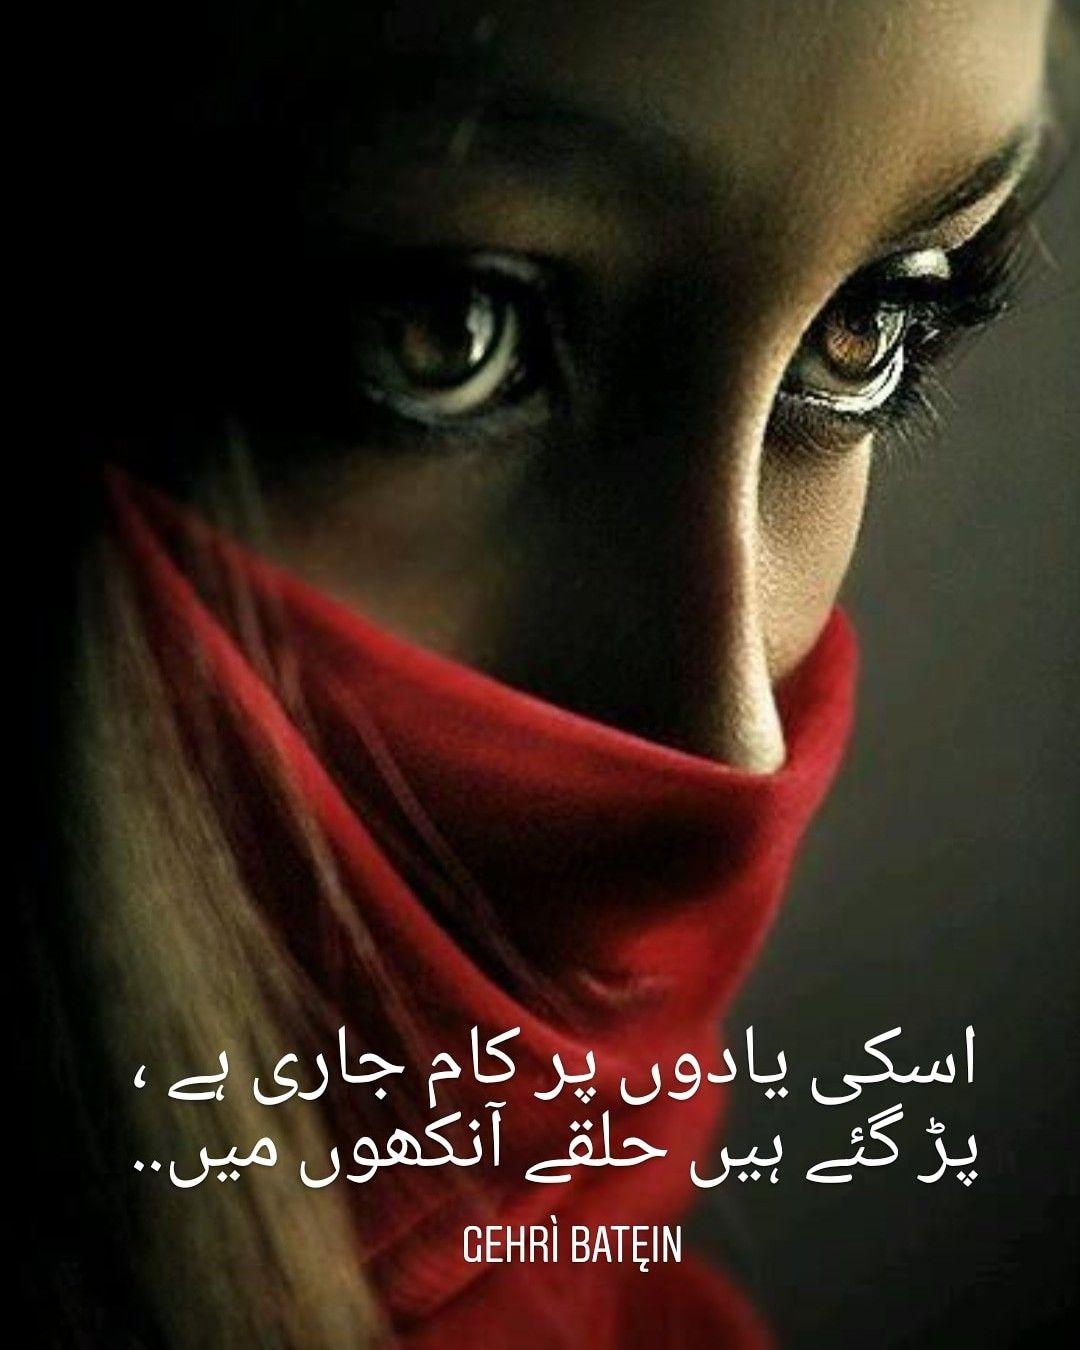 Urdu Poetry Urdu Poetry Poetry Deep Words